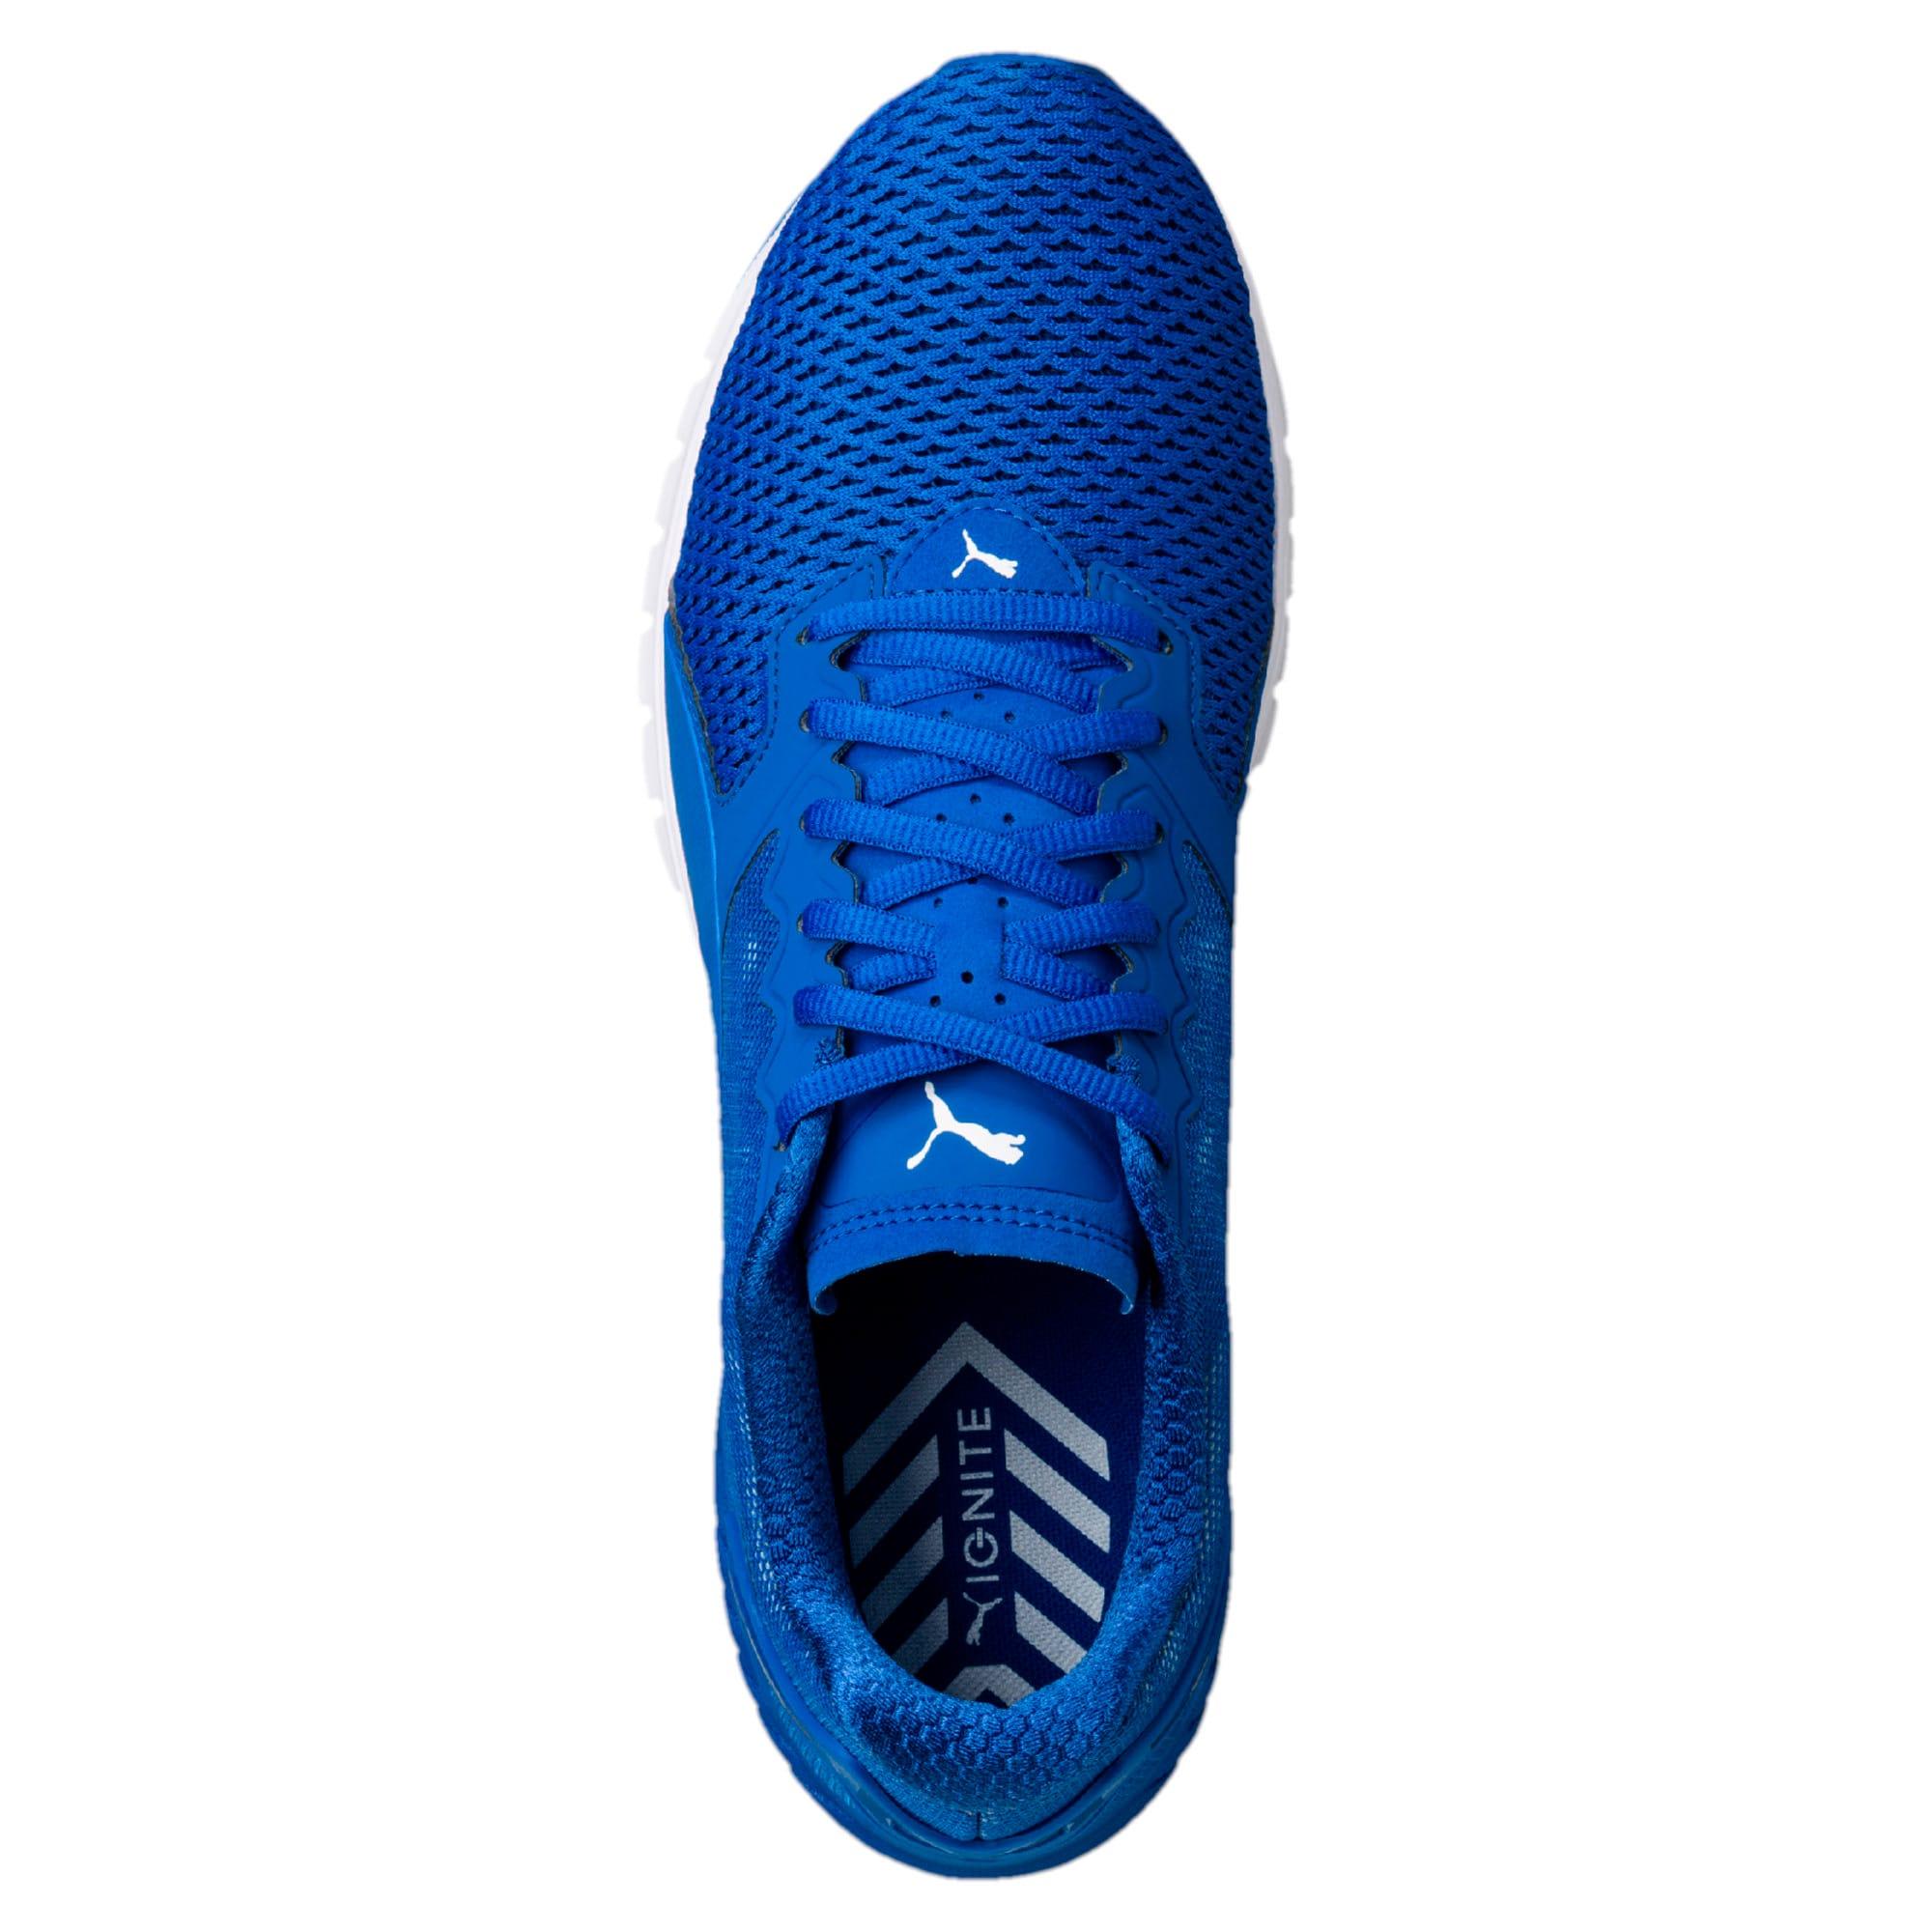 Thumbnail 3 of IGNITE Dual Mesh Men's Running Shoes, Lapis Blue-Quarry, medium-IND